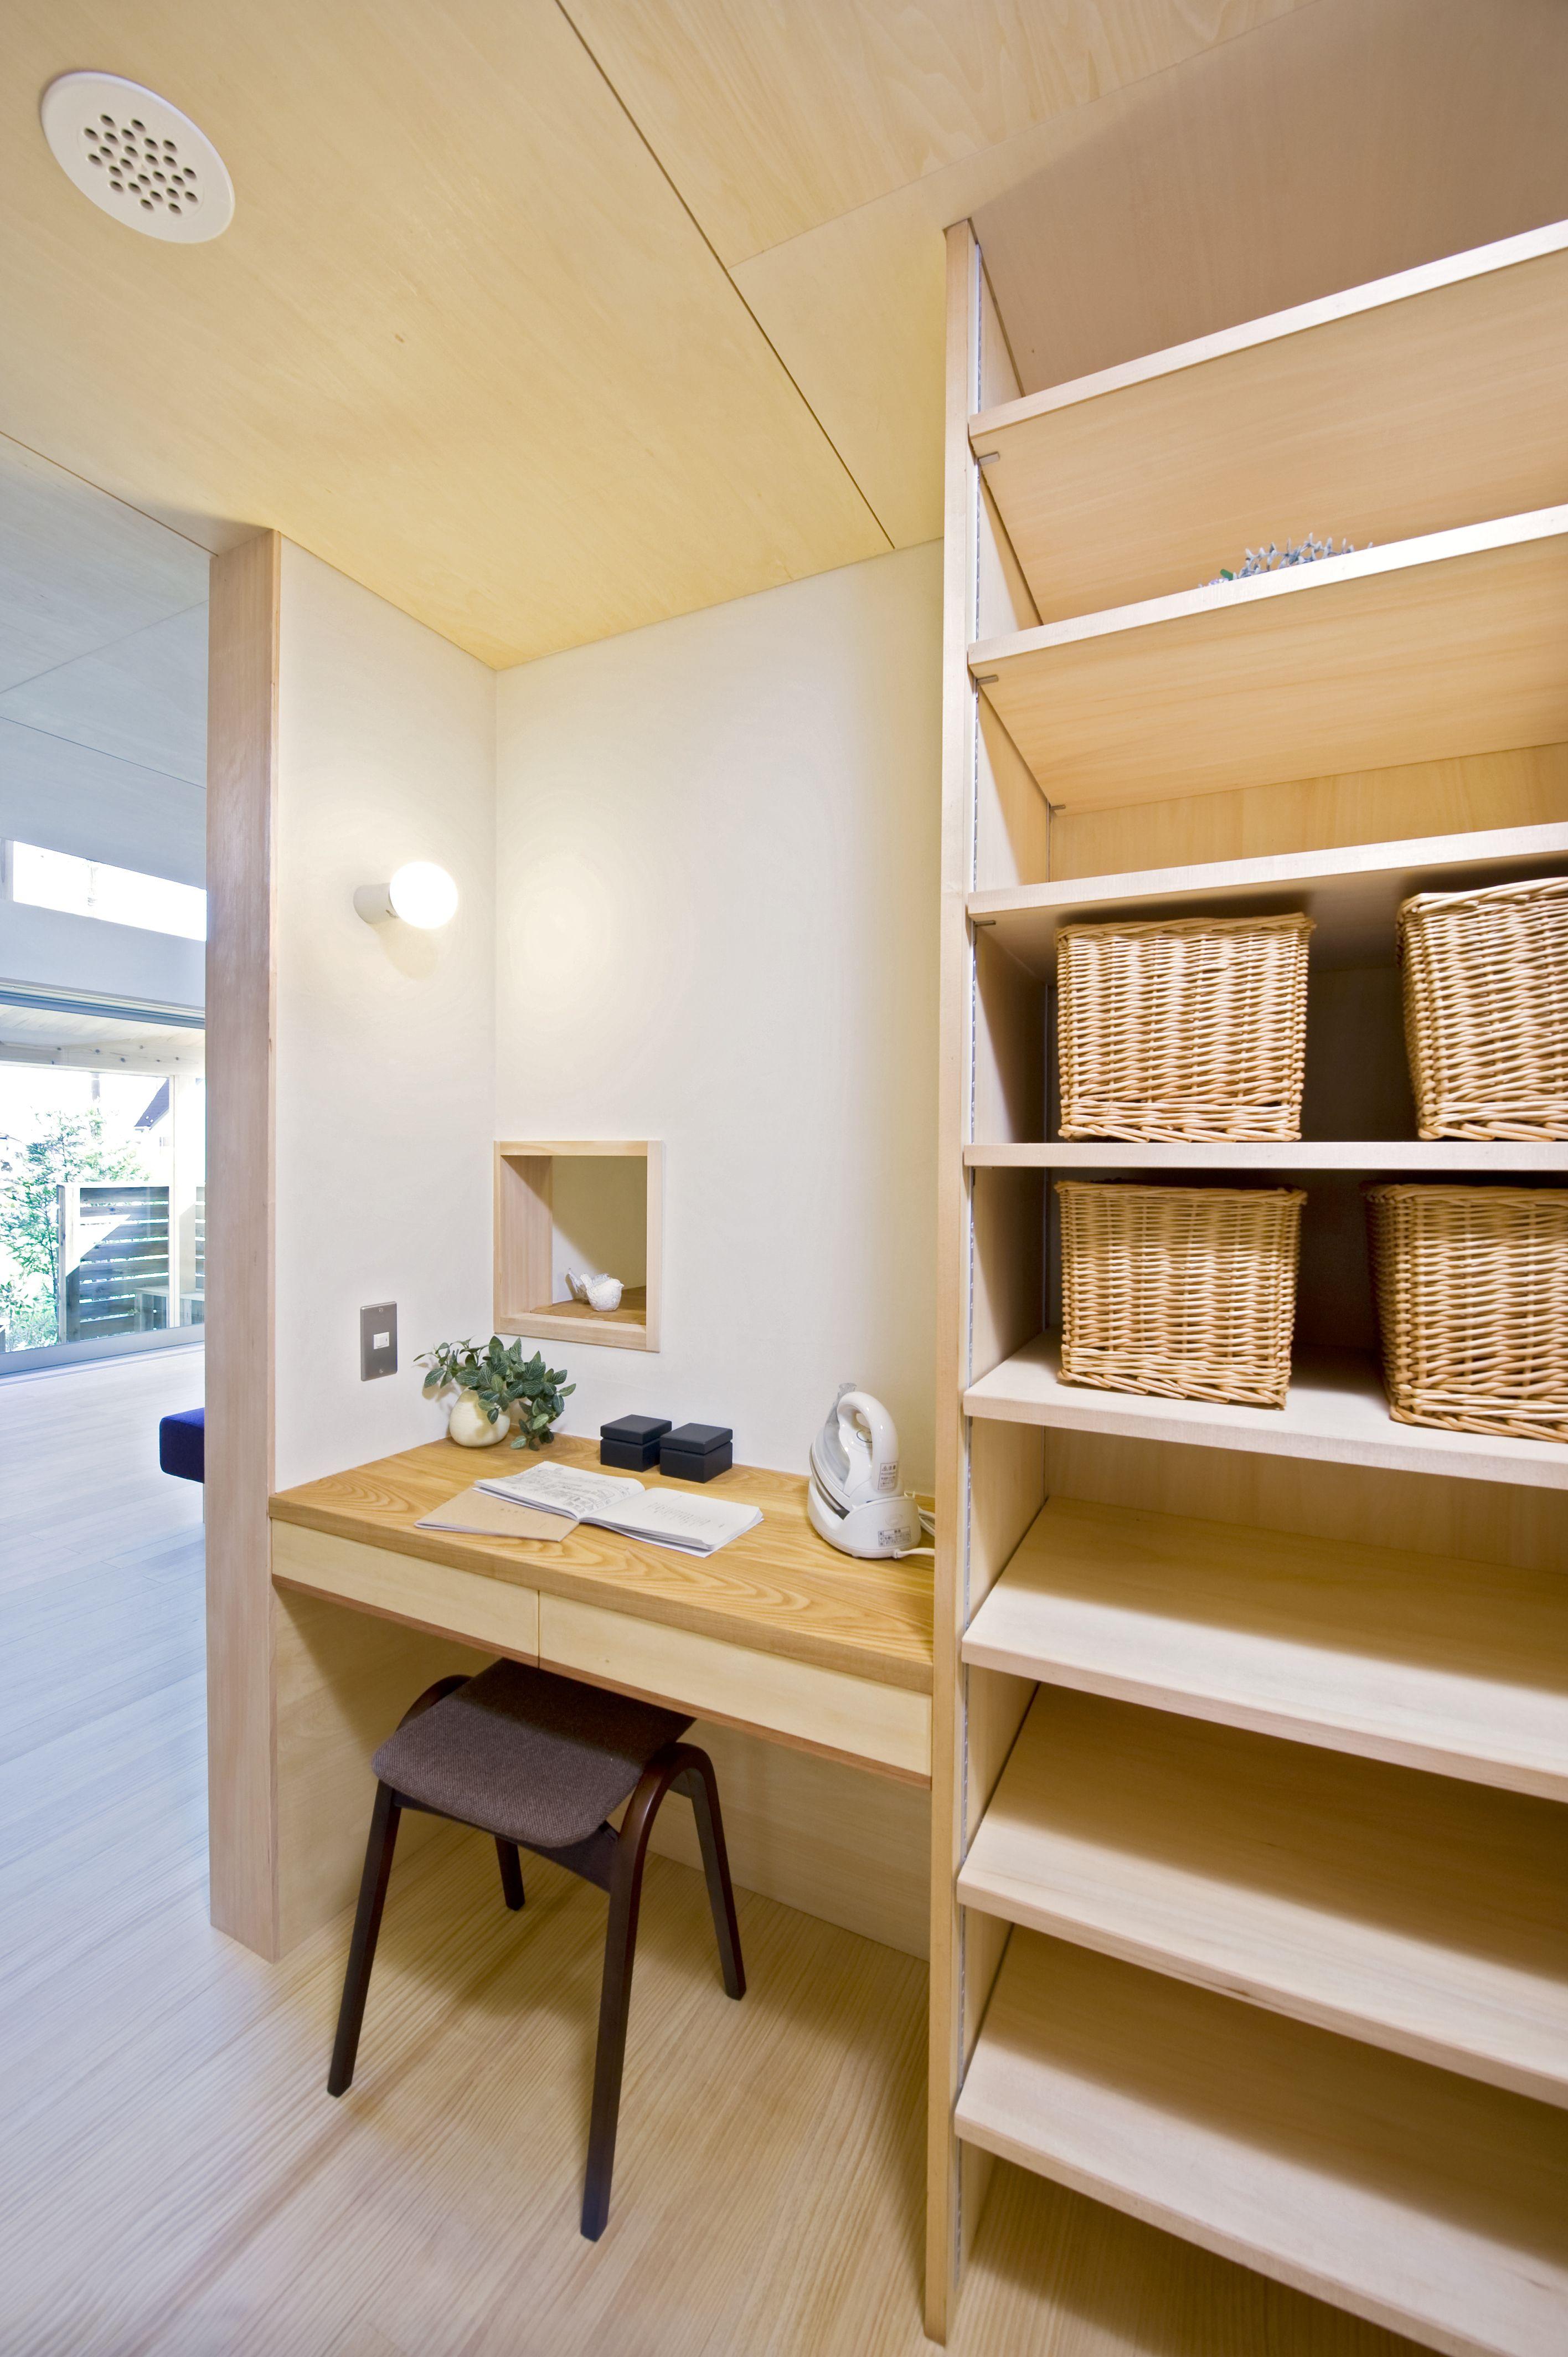 キッチン横の造り付けユーティリティーコーナー 自宅で 模様替え